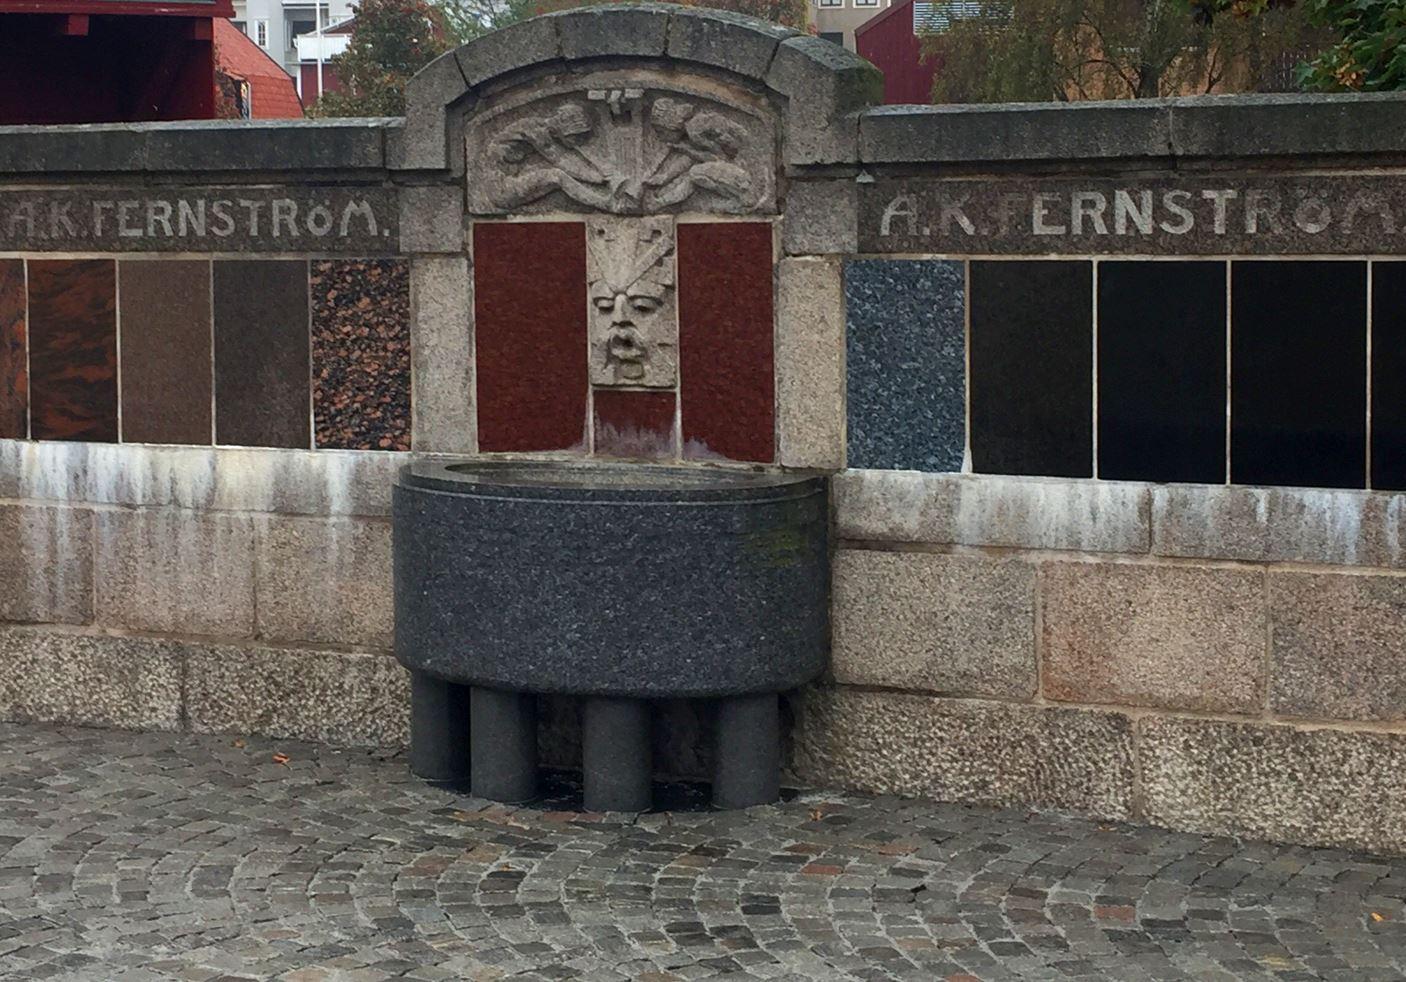 The Fernström Monument